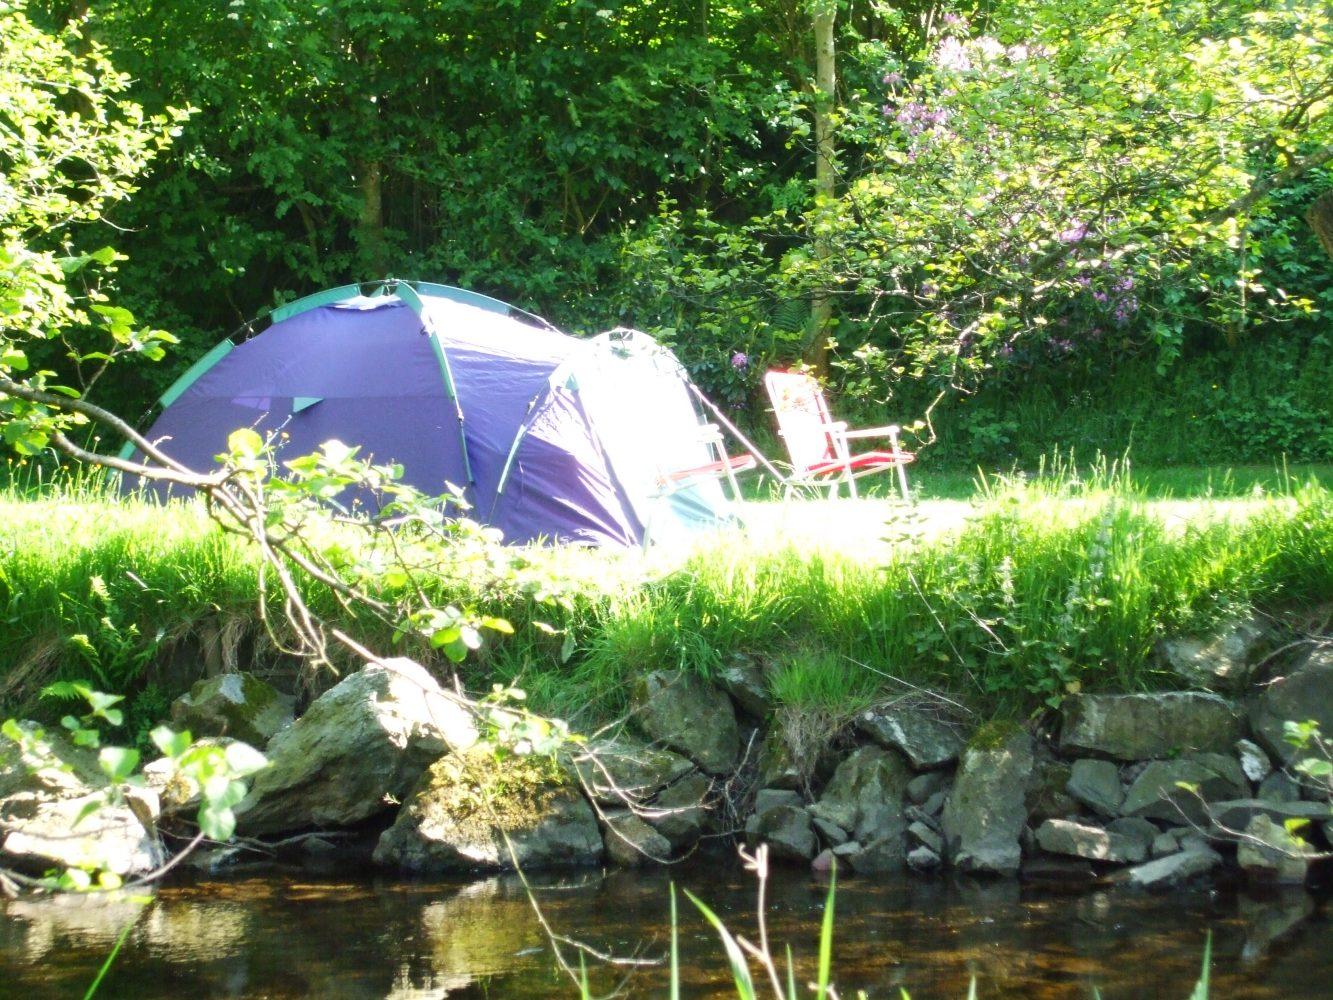 Camping along the riverbank